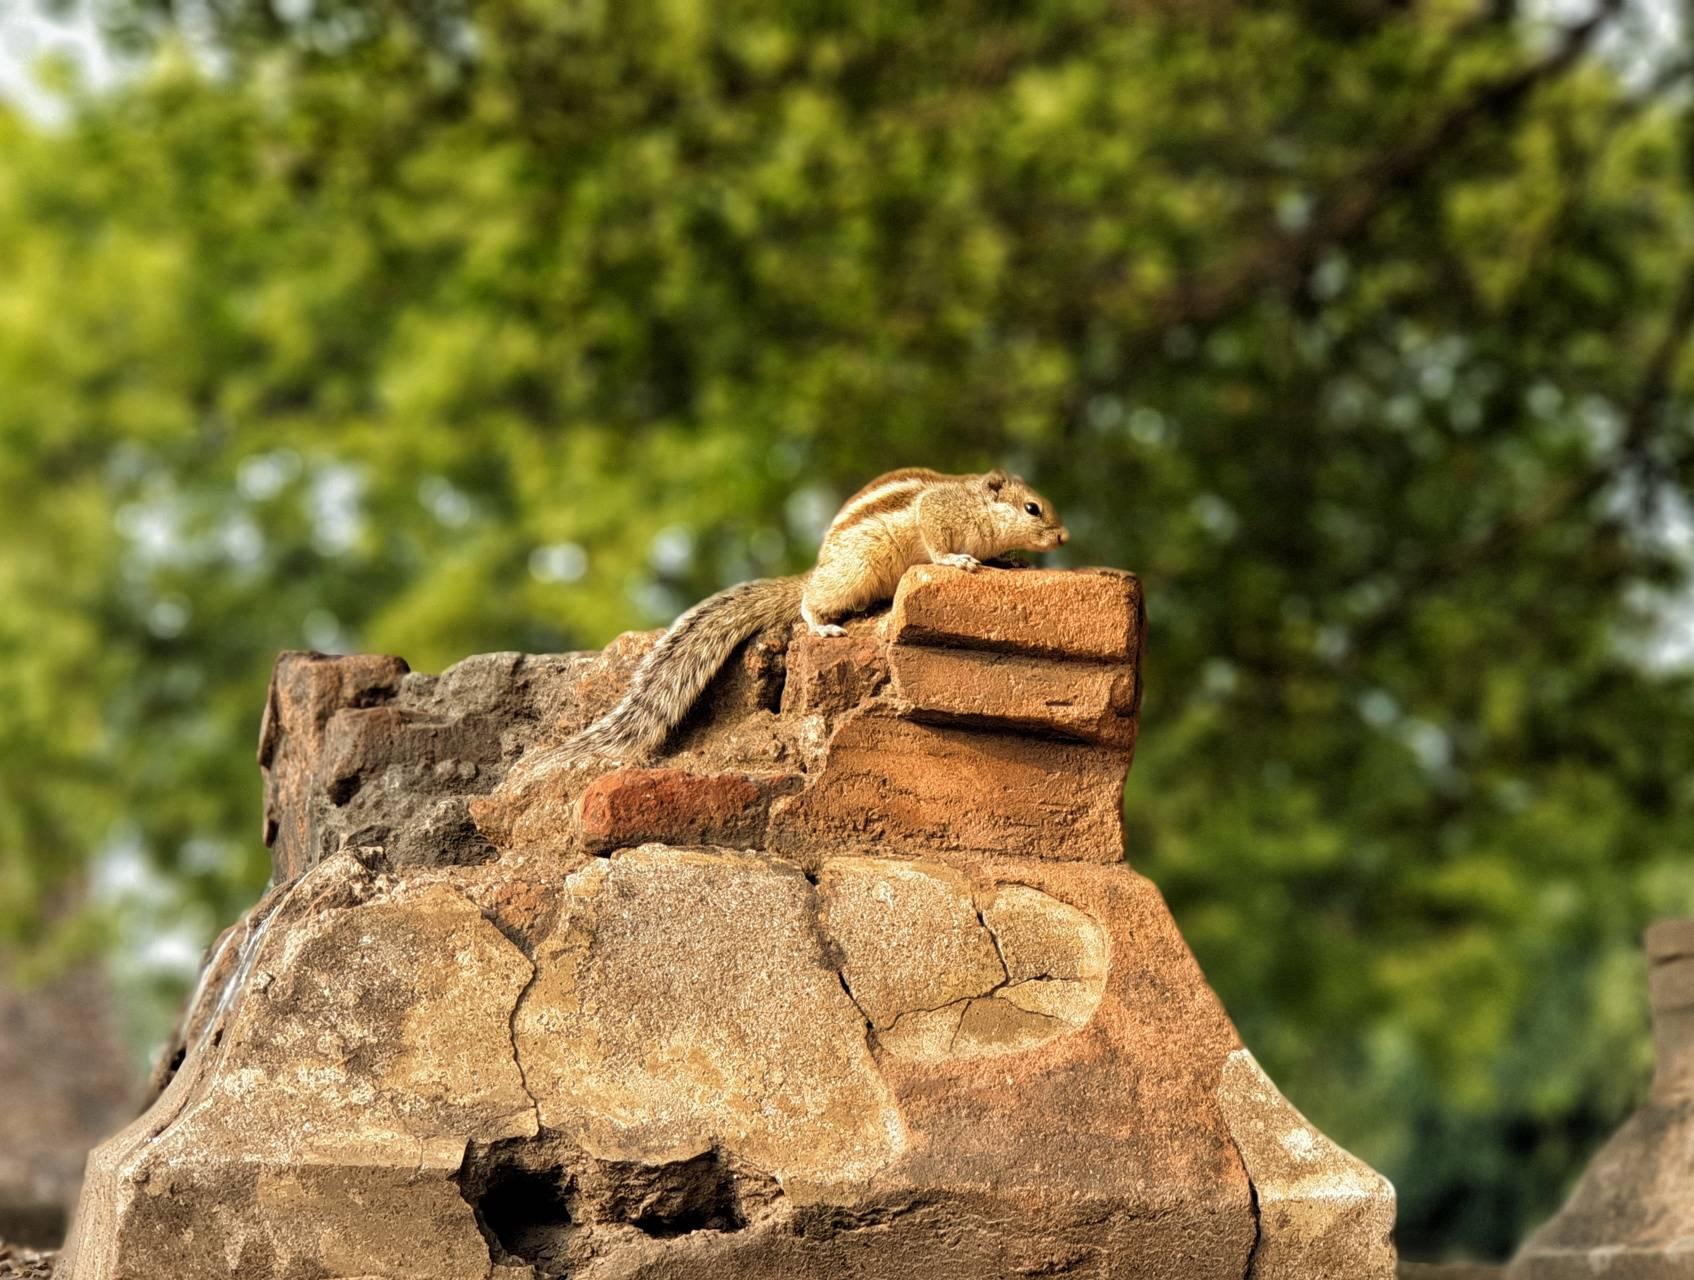 Squirrel of Badalpur